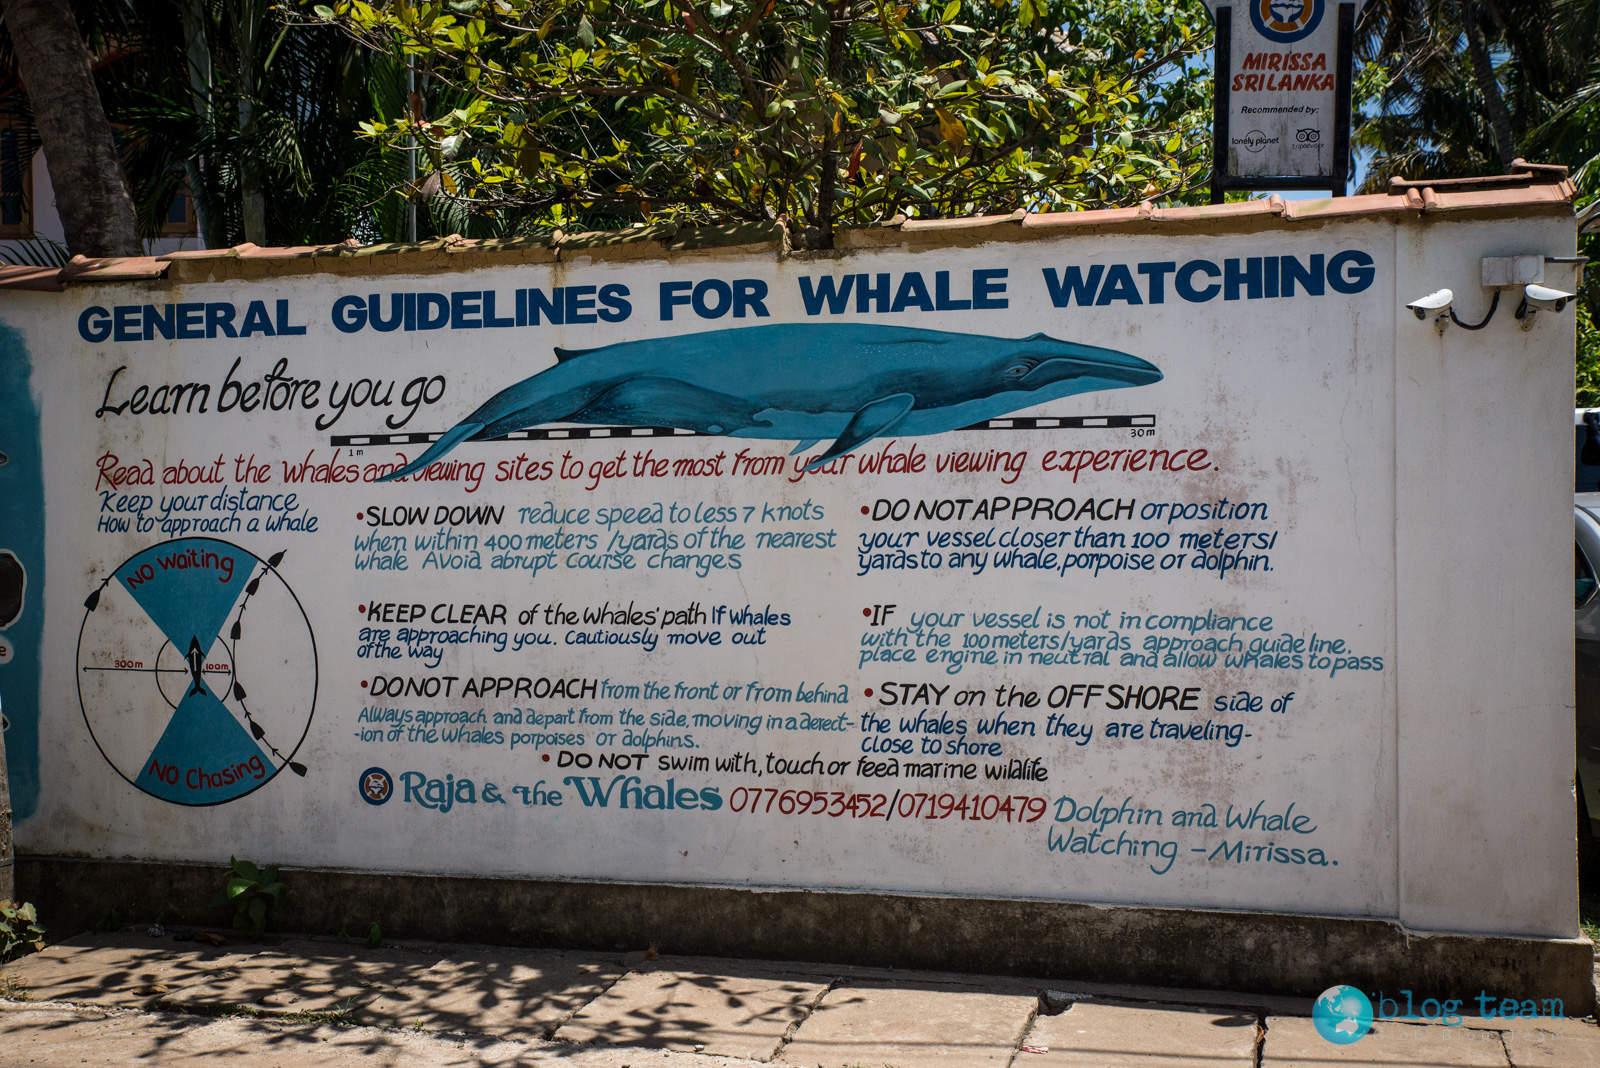 Oglądanie wielorybów w Mirissie